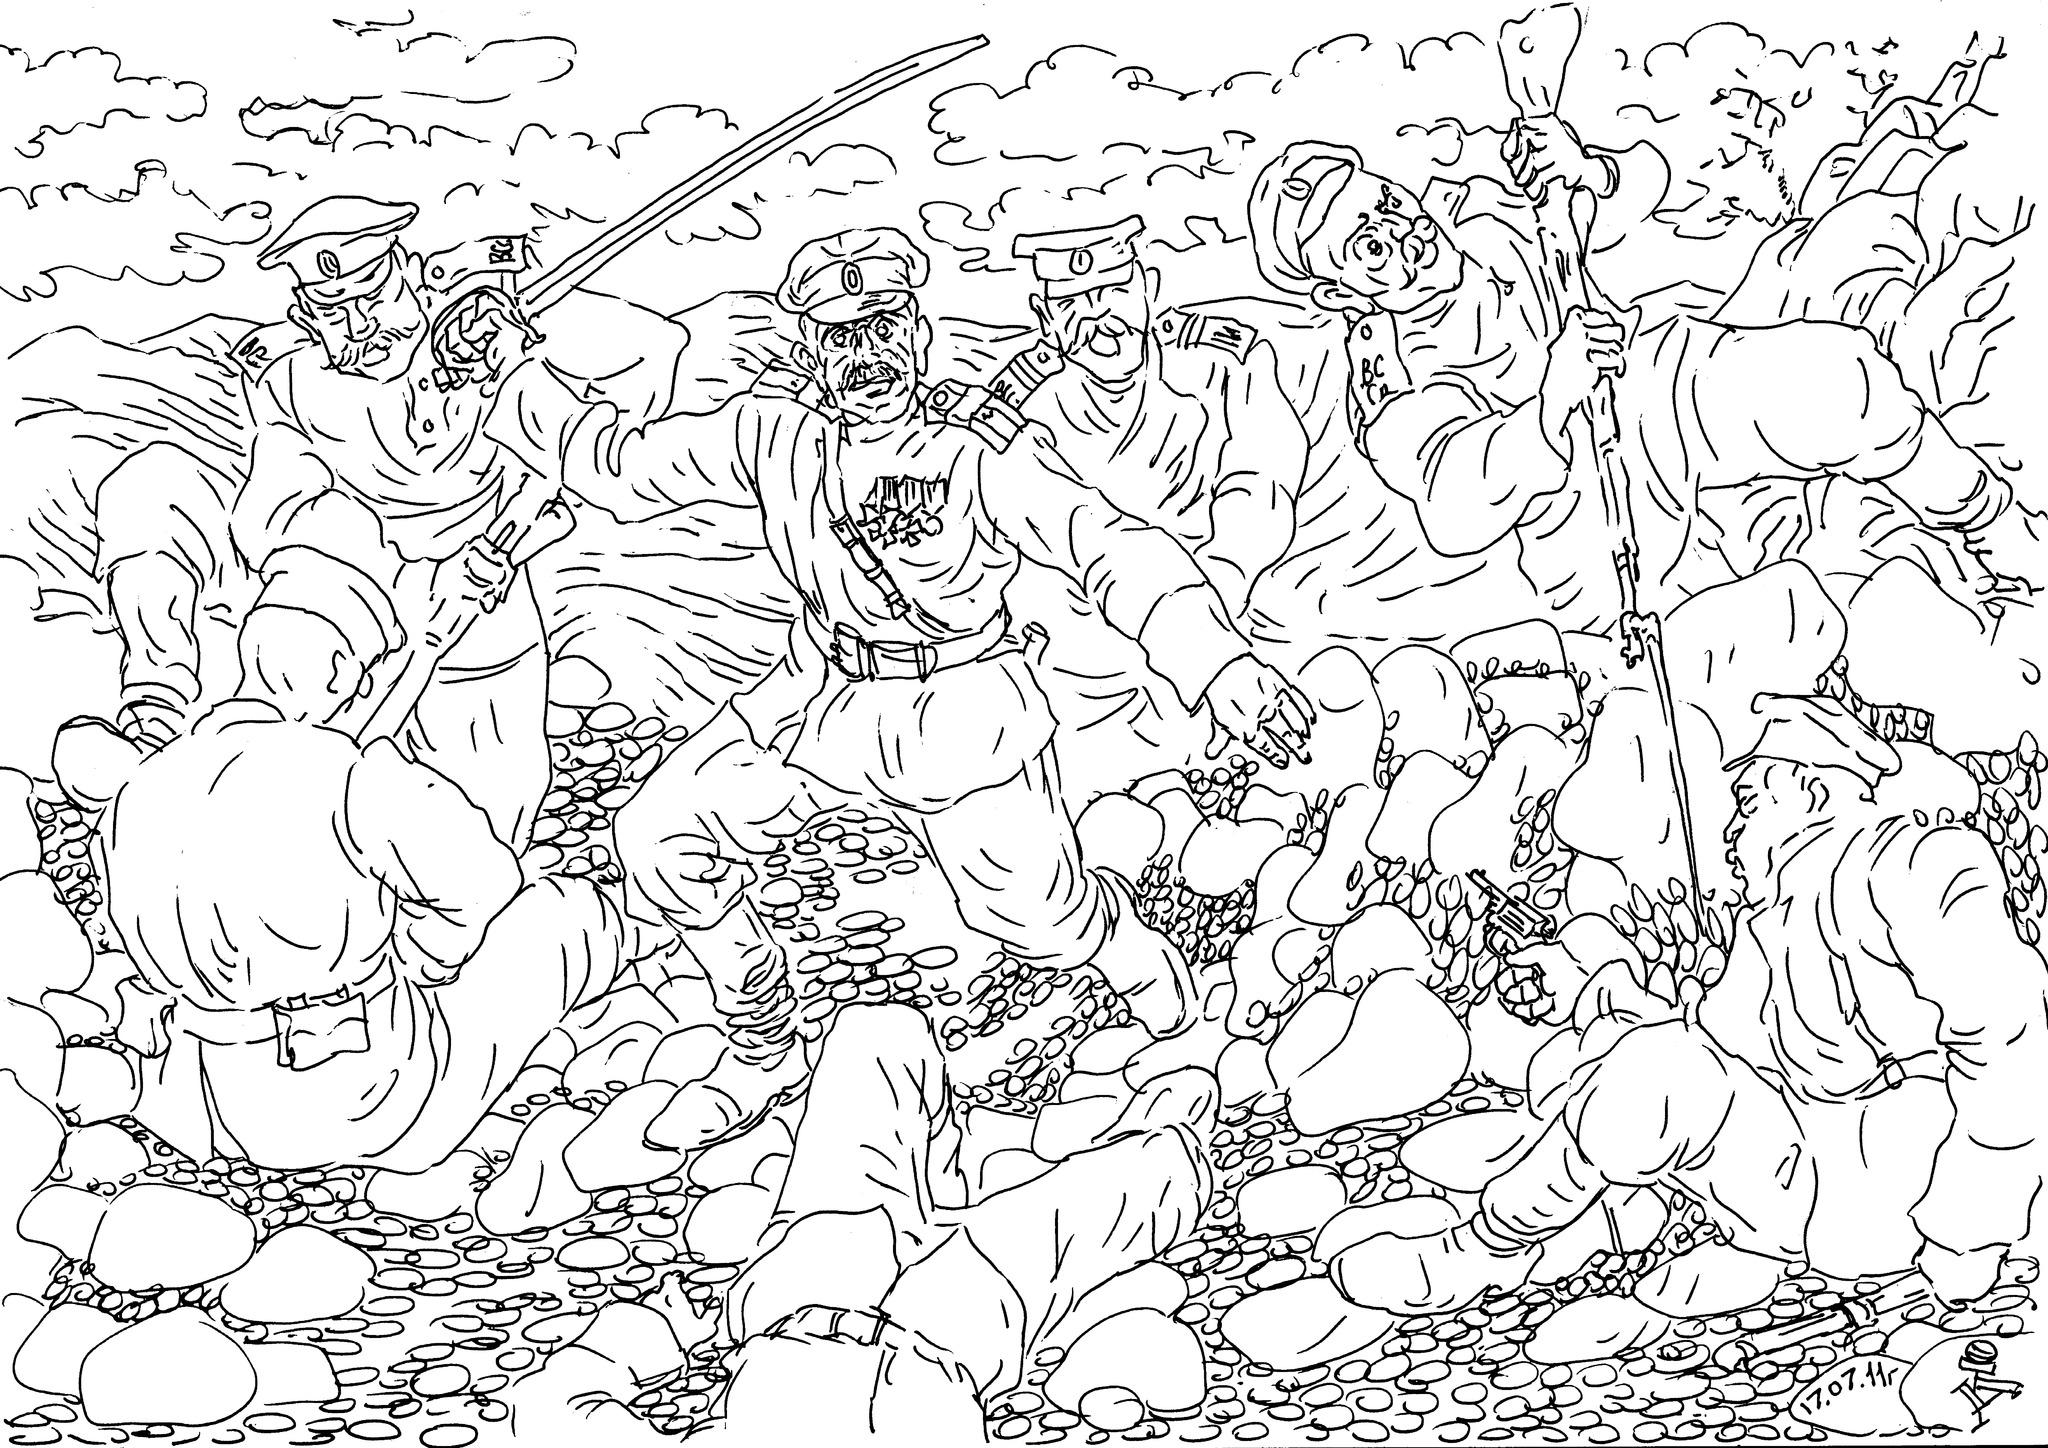 Русско-японская война 1905 года. Зауряд-прапорщики руководят русской пехотой